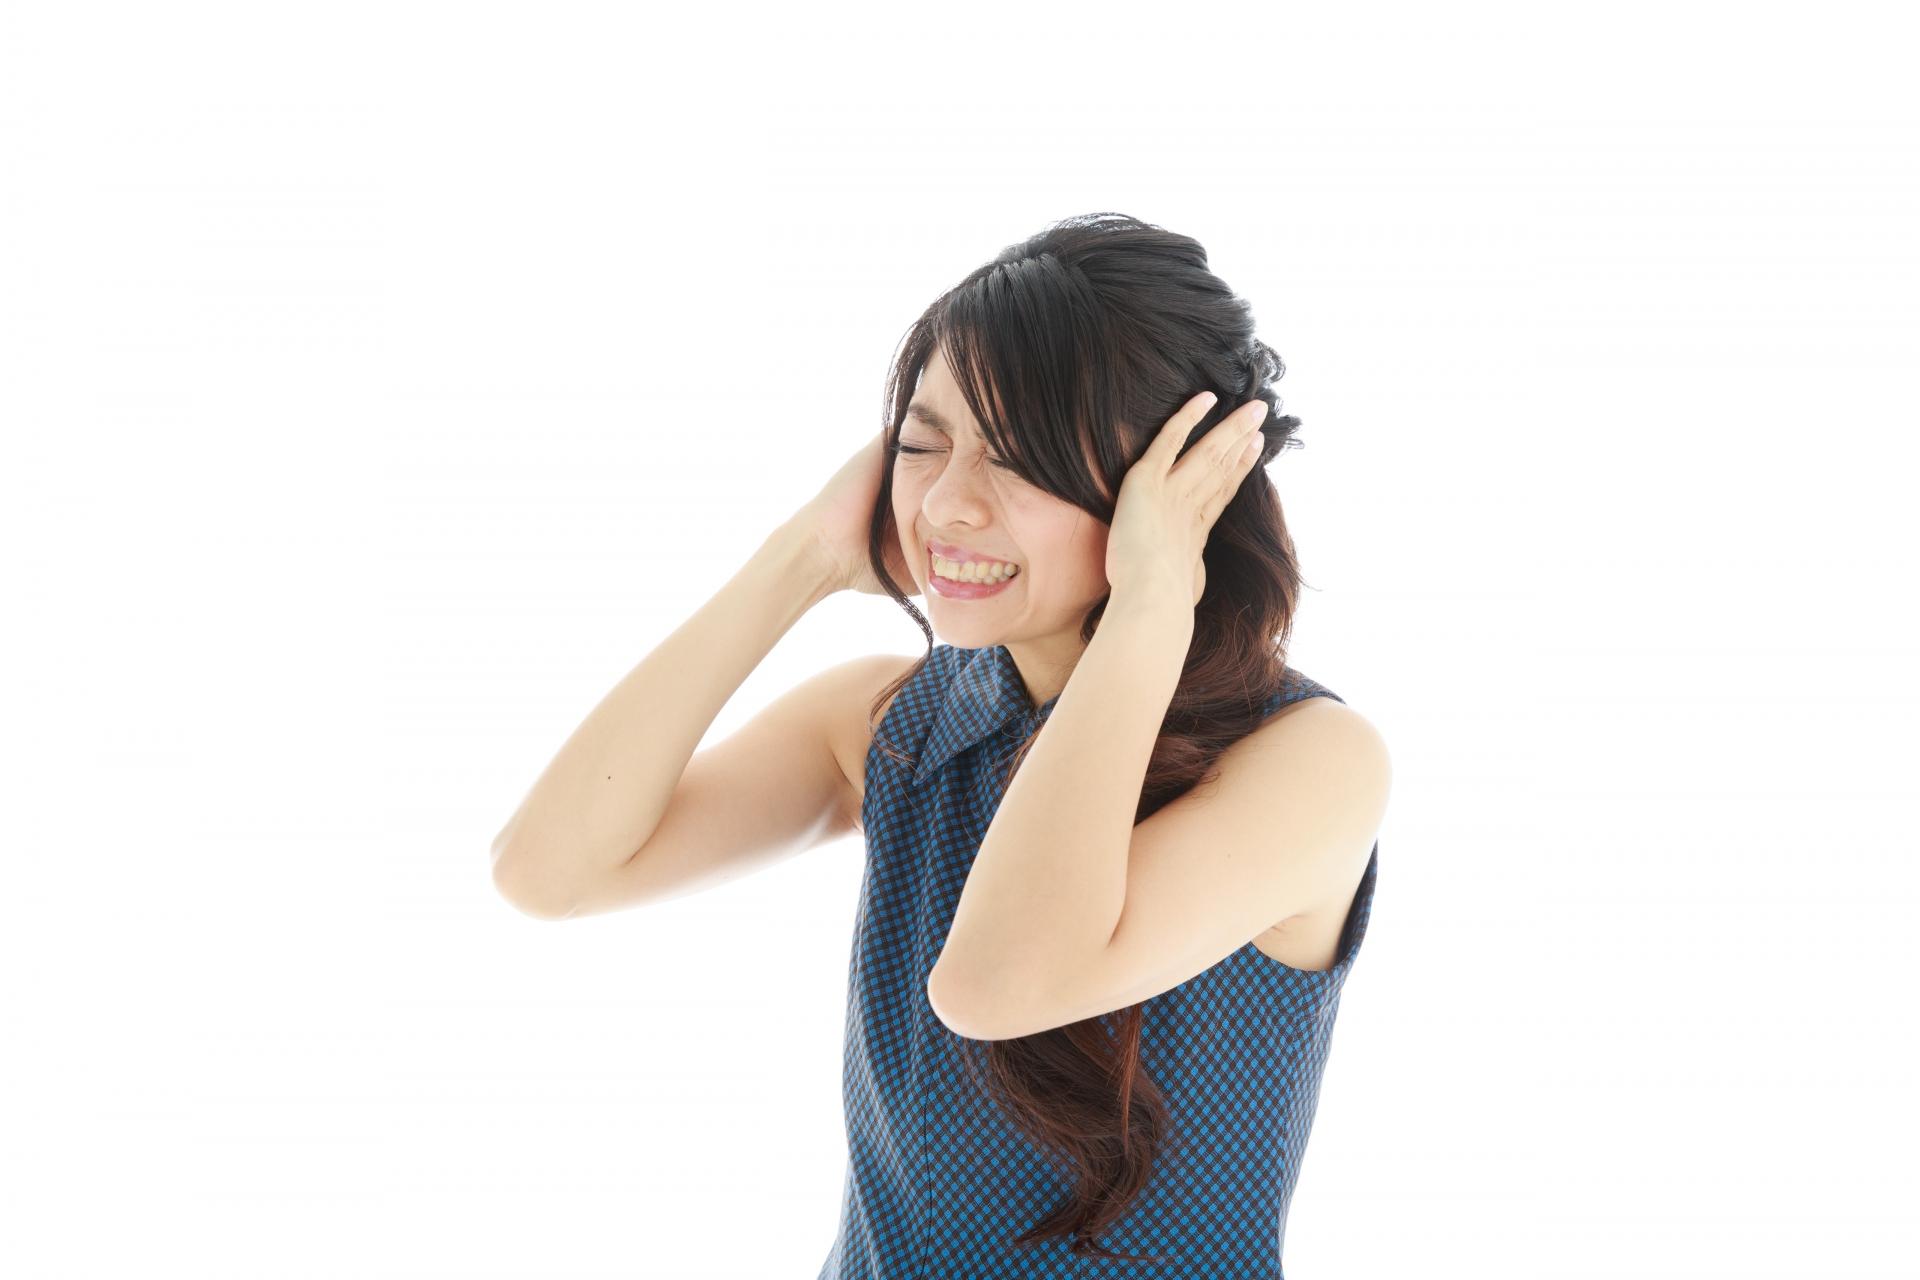 耳鳴りに悩んでいる女性